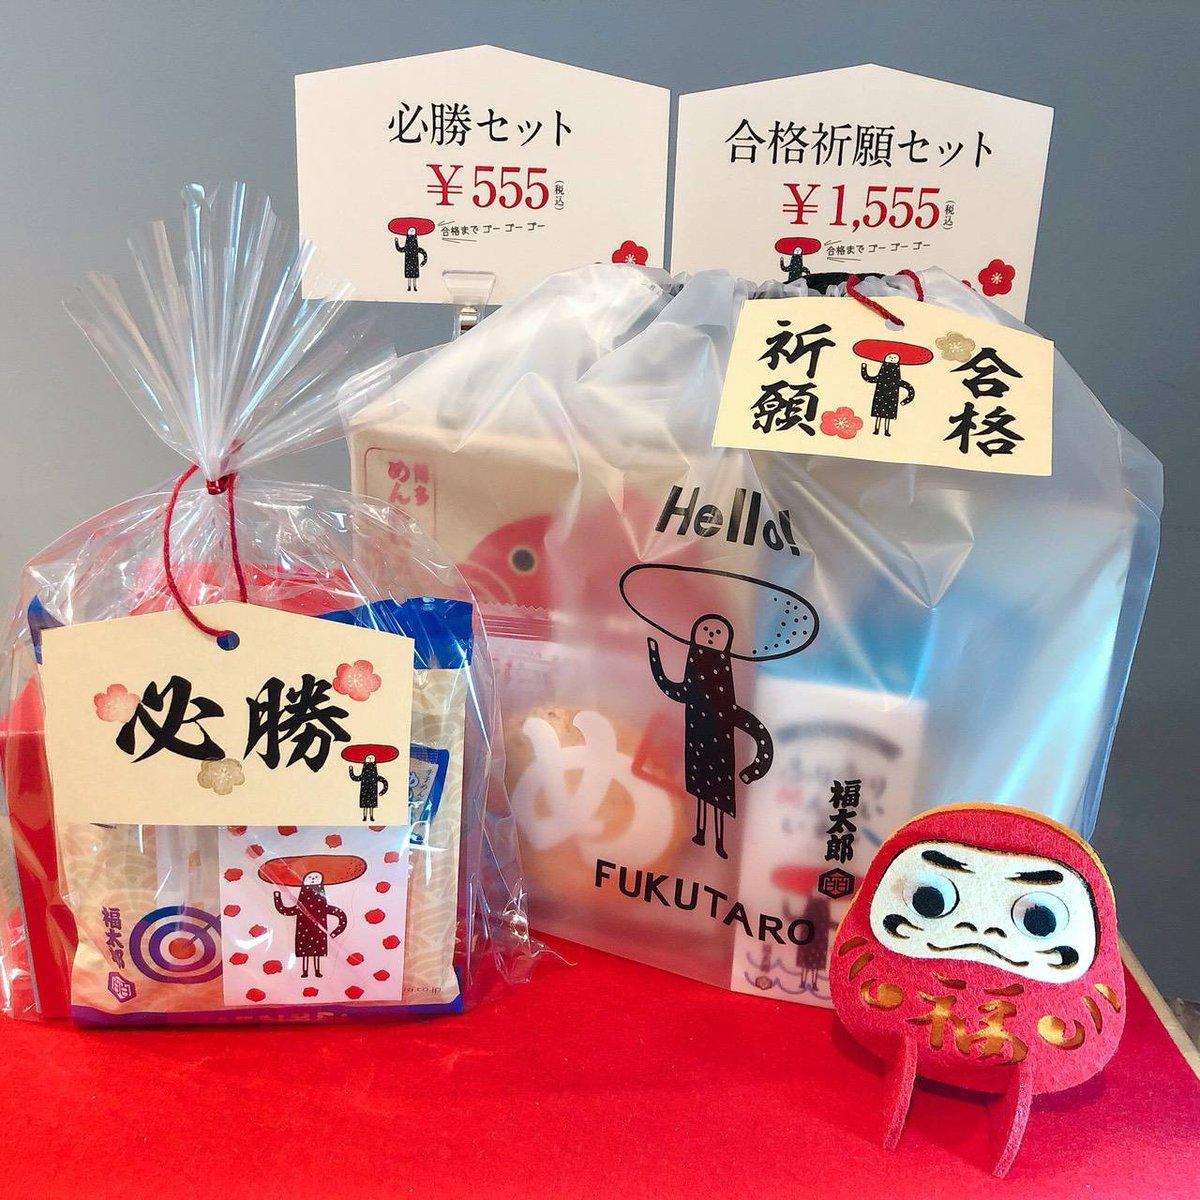 test ツイッターメディア - 現在「#福太郎 太宰府店」では合格祈願セット(¥1,555)・必勝セット(¥555)を販売中。  合格に向かってゴーゴーゴー!とかけた価格で販売中のこのセット、太宰府店で大人気! 「勝つめんべい」「だるまめんべい」をはじめ、福太郎商品がたくさん詰まっております! https://t.co/7uUrKvZjFX